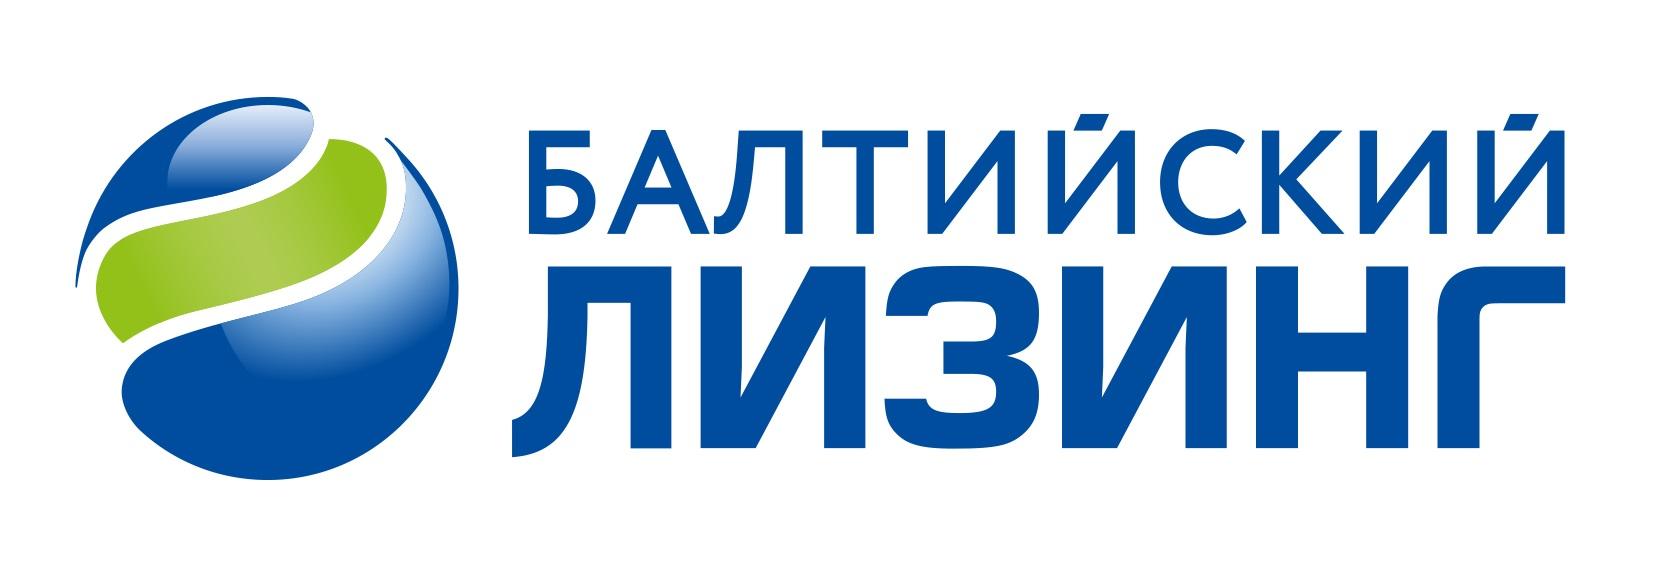 Лизинговая компания балтийский берег официальный сайт продвижение сайта статьи для вебмастера